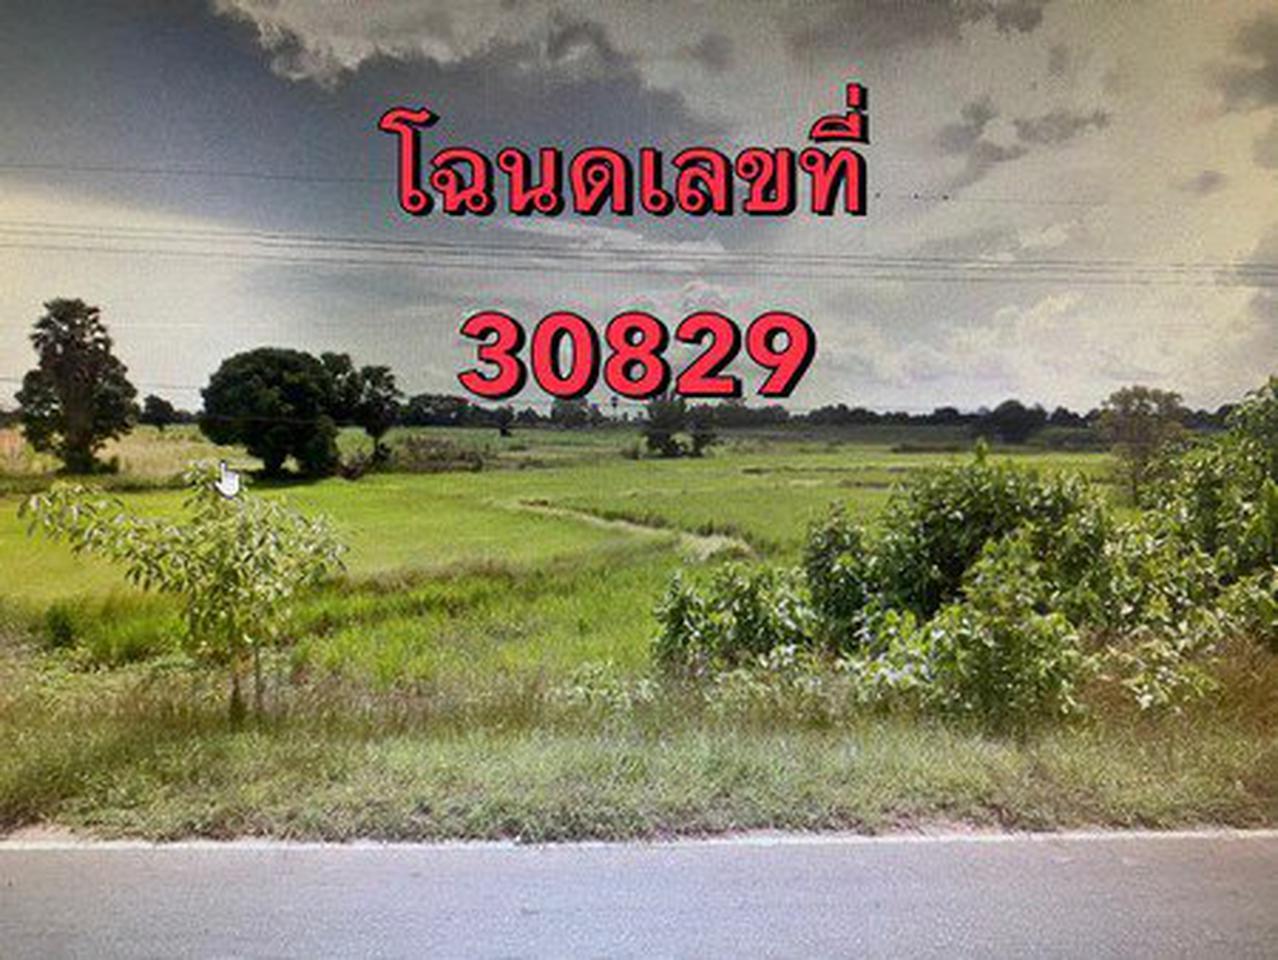 ขายที่ดินเปล่า ติดถนนหมายเลข 2069 จังหวัดชัยภูมิ เนื้อที่ 64 ไร่ 1 งาน 72 ตารางวา รูปที่ 1